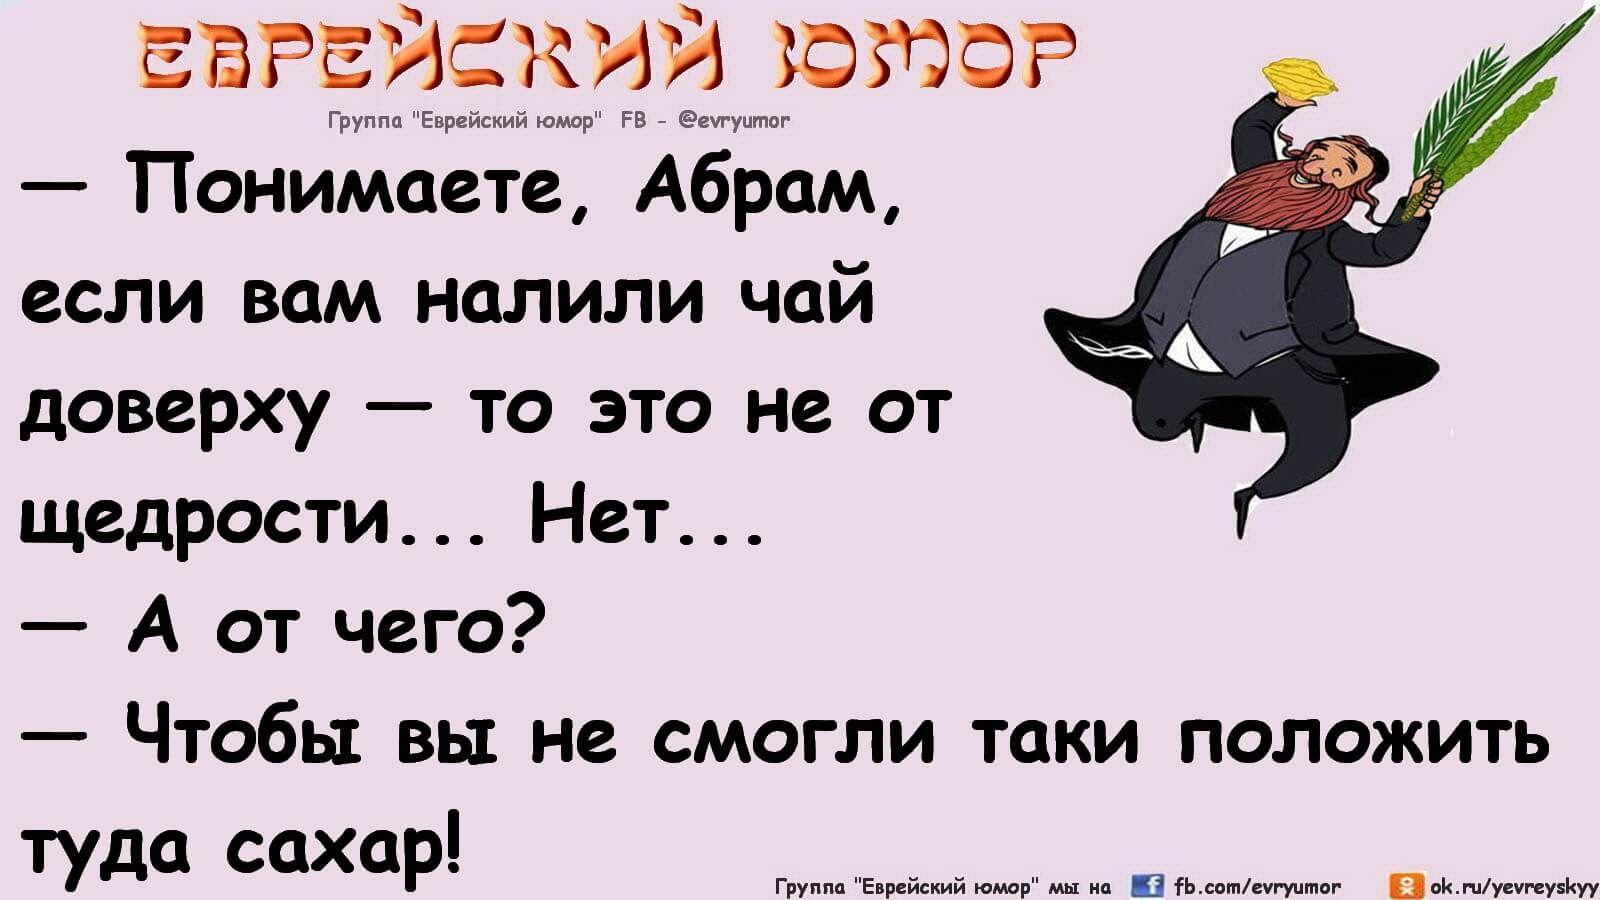 Одесские анекдоты самые смешные с картинками